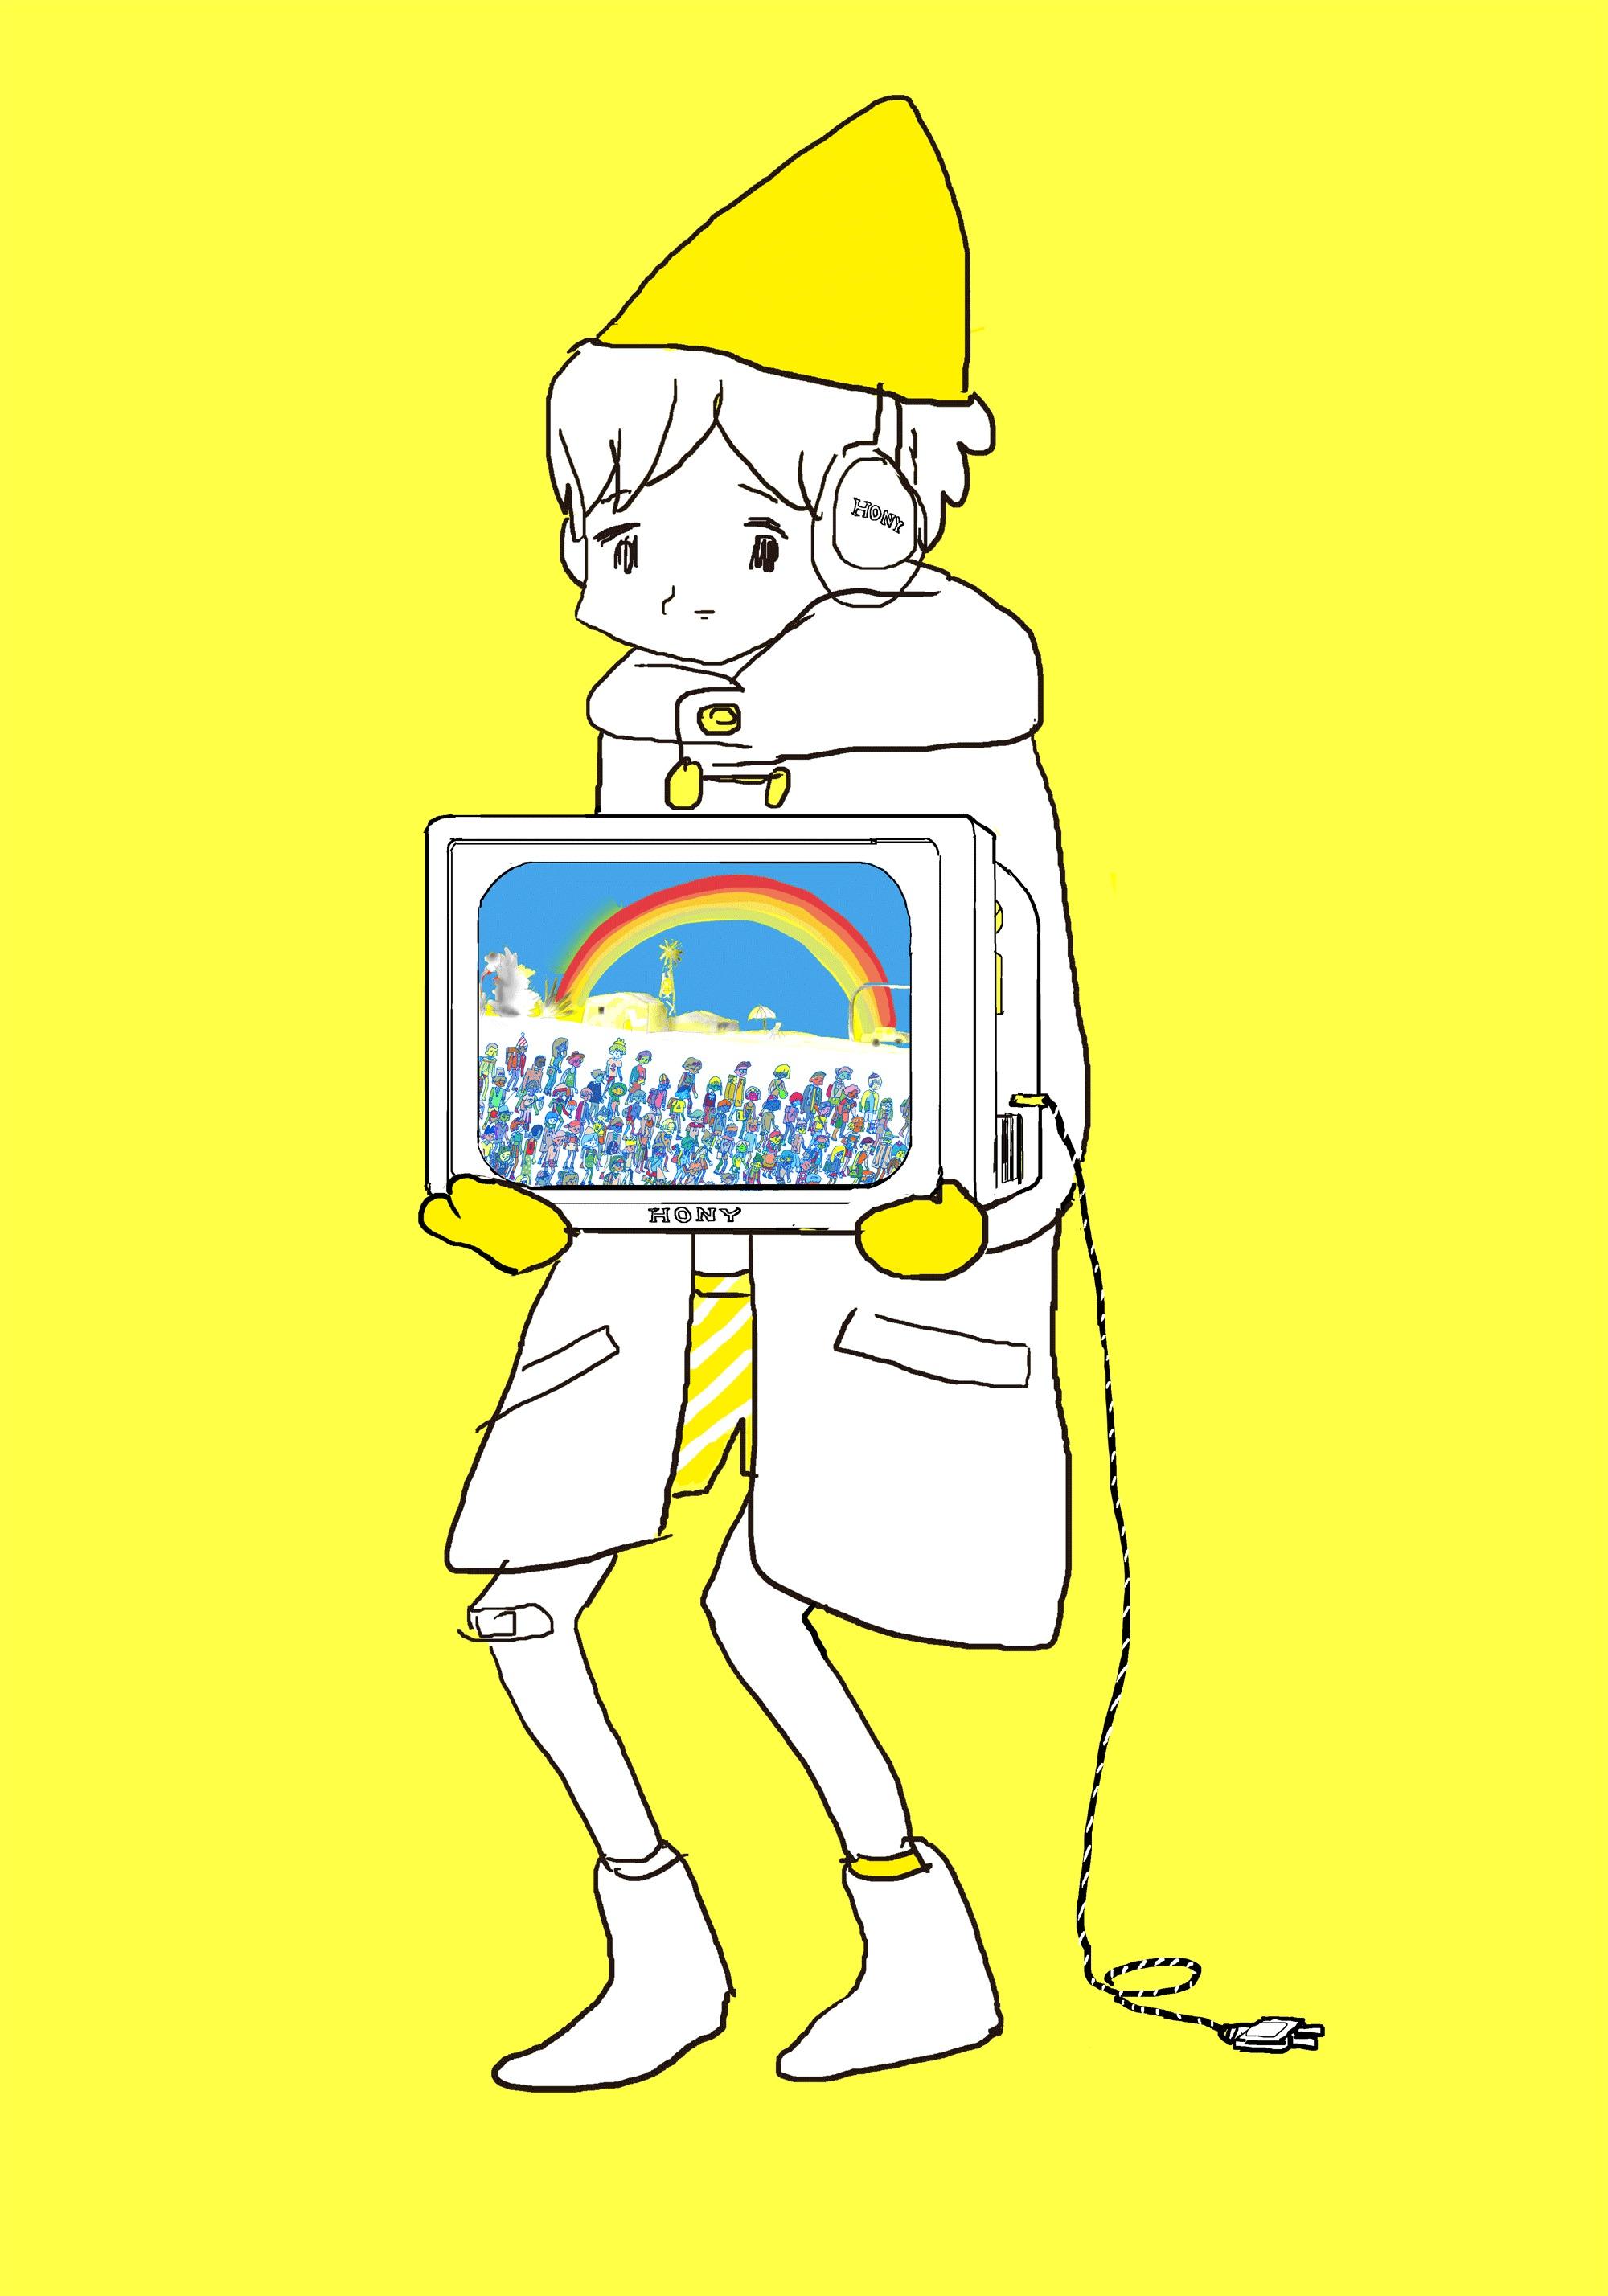 東京飛地展示 参考図版:宮崎夏次系 ©講談社